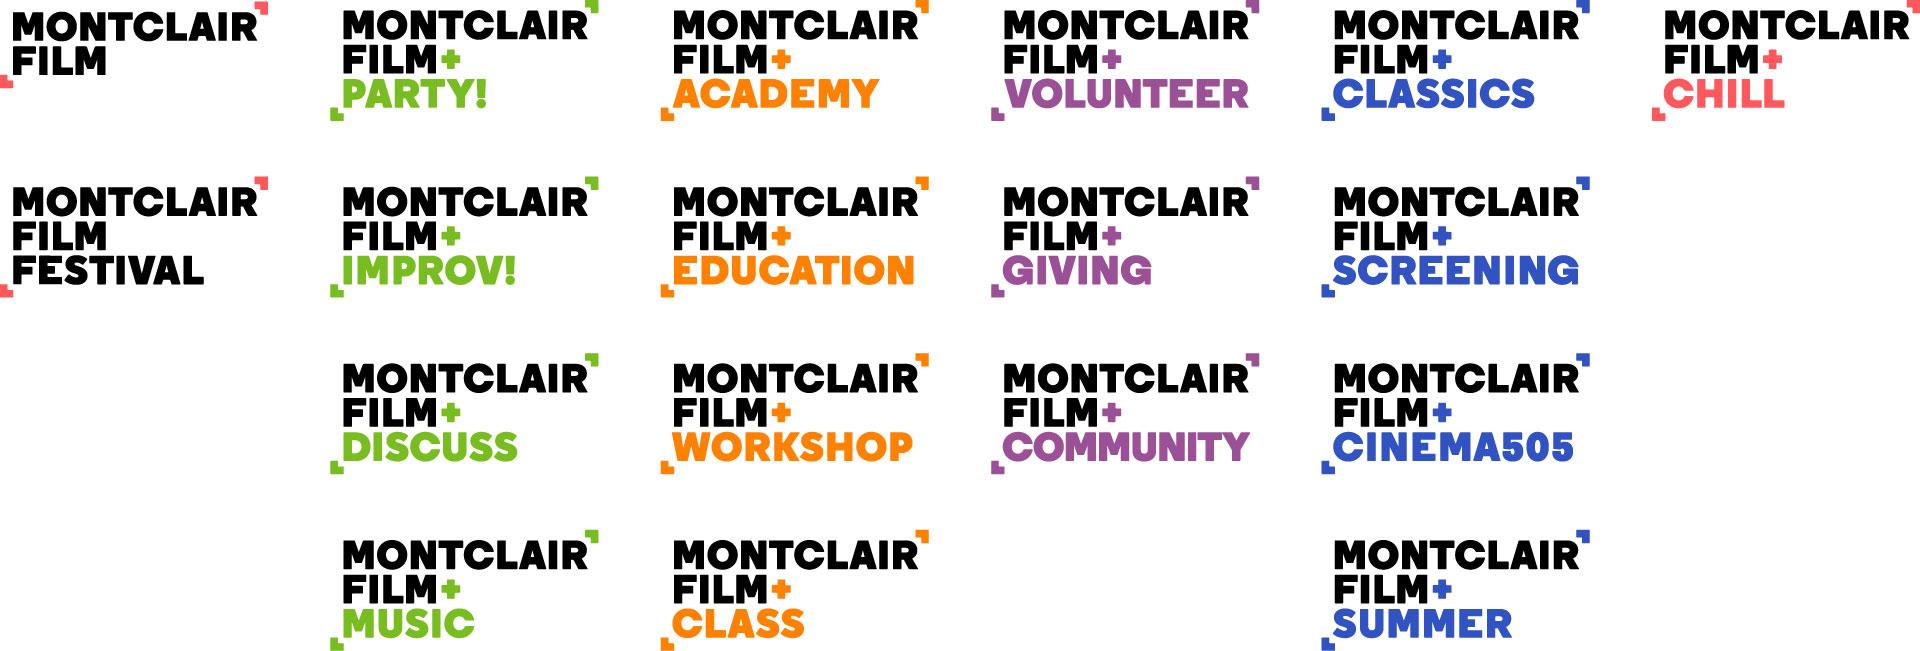 HIERONYMUS_MontclairFilm_Subbrand-static